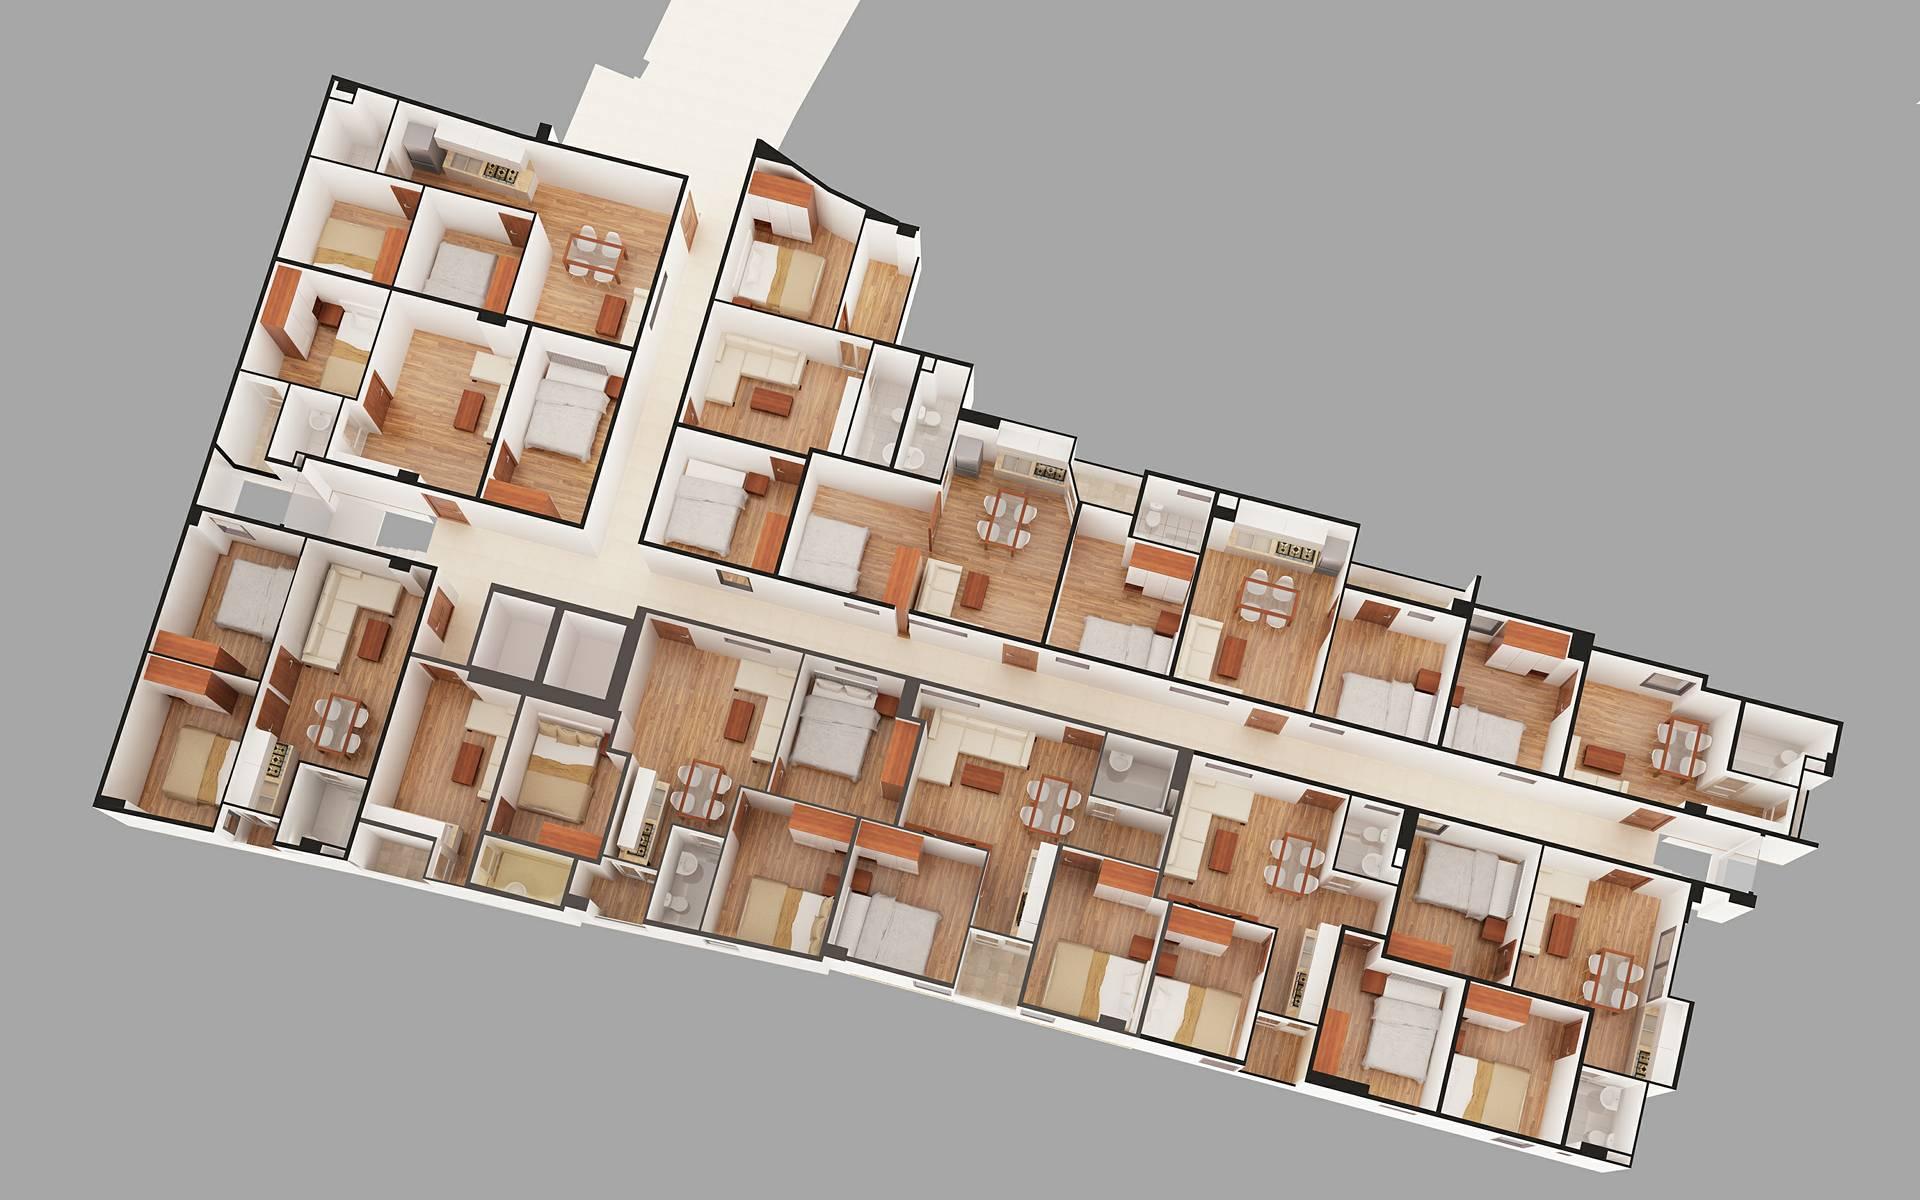 mặt bằng thiết kế chung cư mini hoàng đạo thành